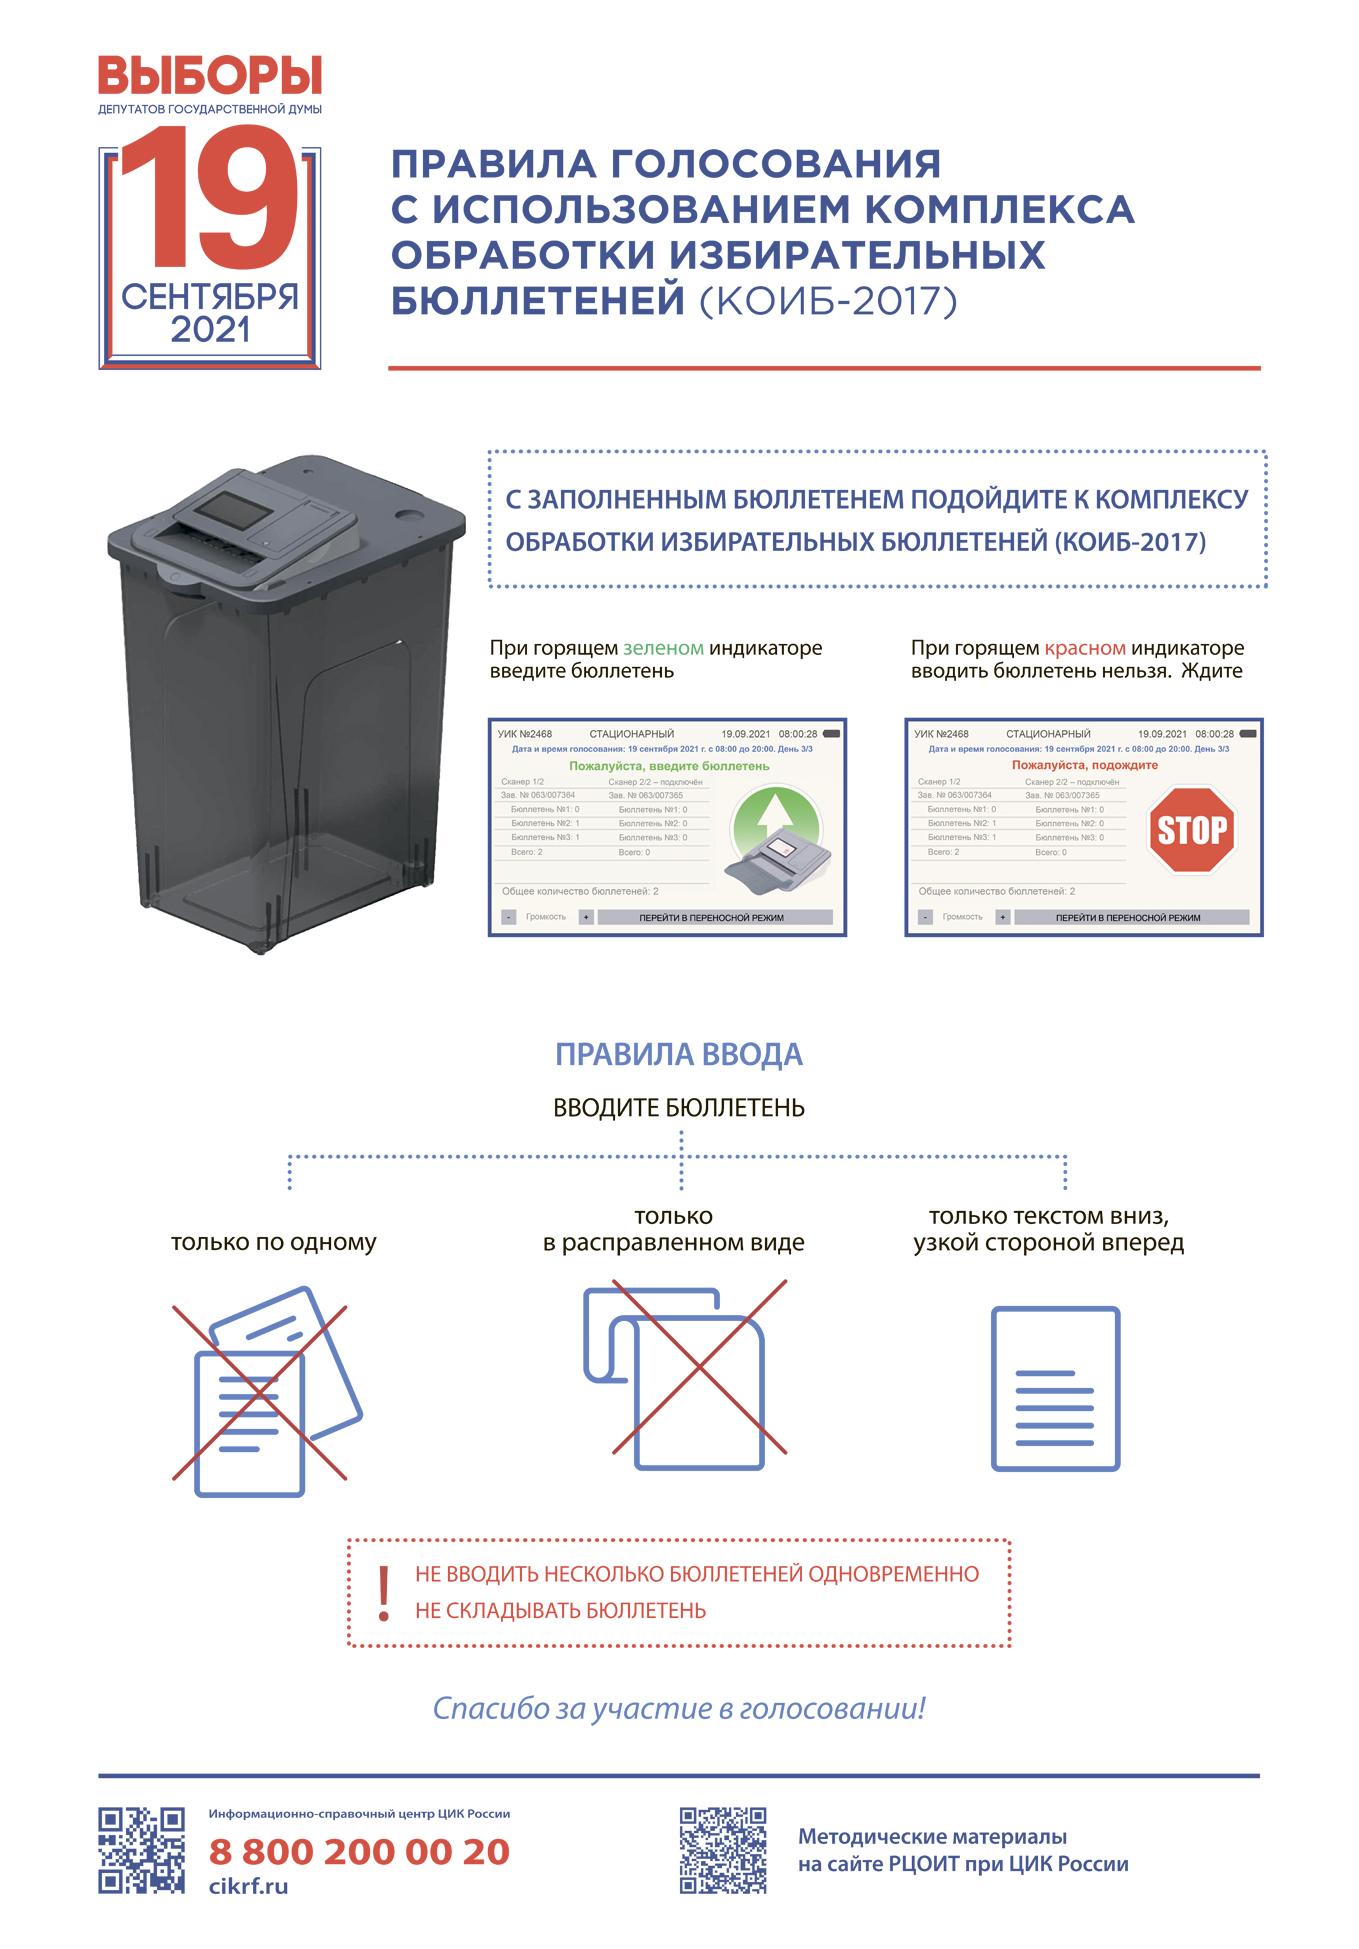 Правила голосования с КОИБ-2017 (МГТУ)